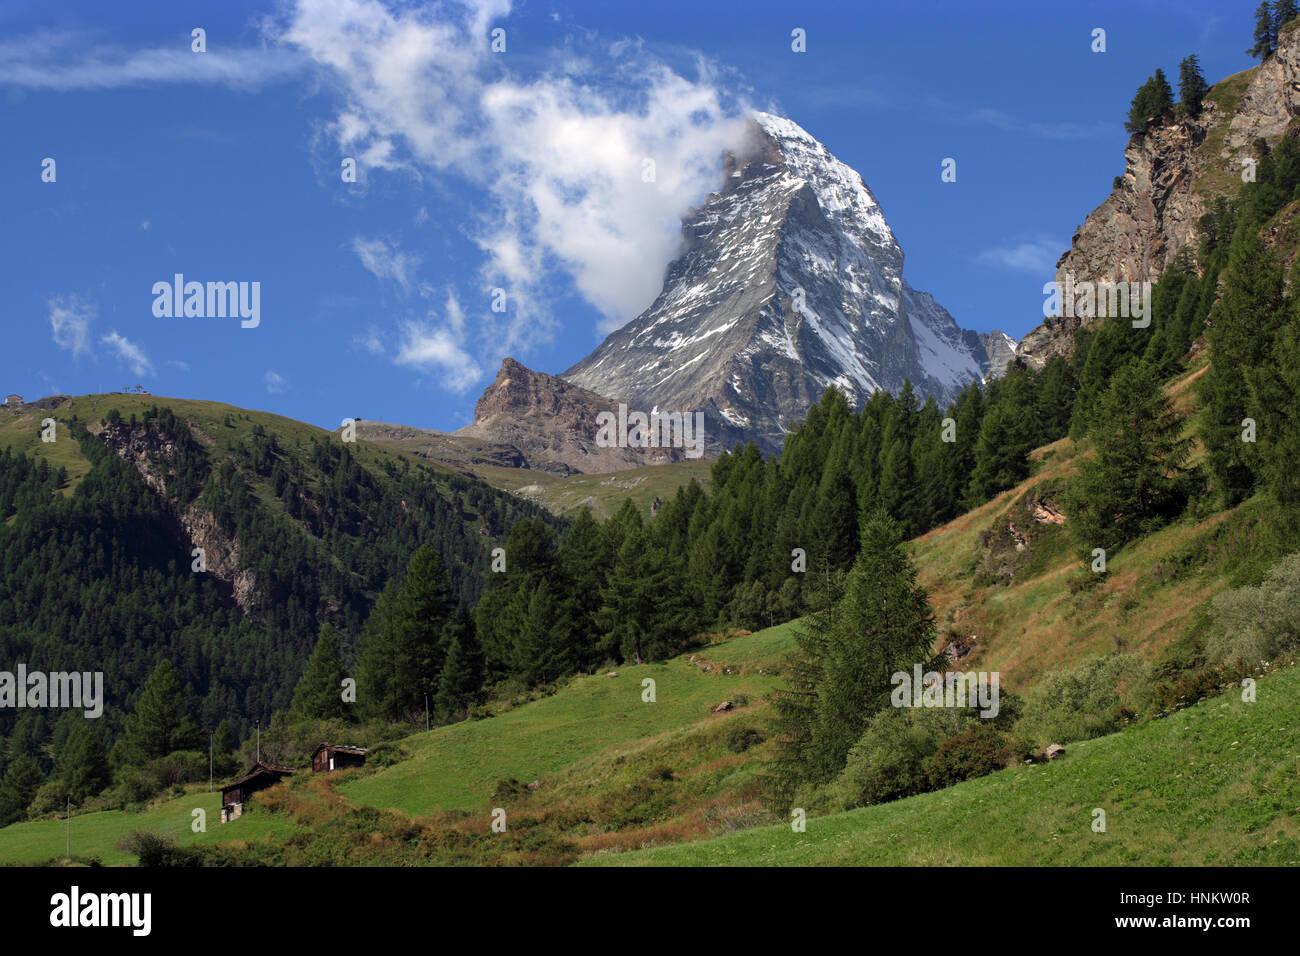 Photo of the incredible Matterhorn capturing some clouds in Zermatt Switzerland. - Stock Image